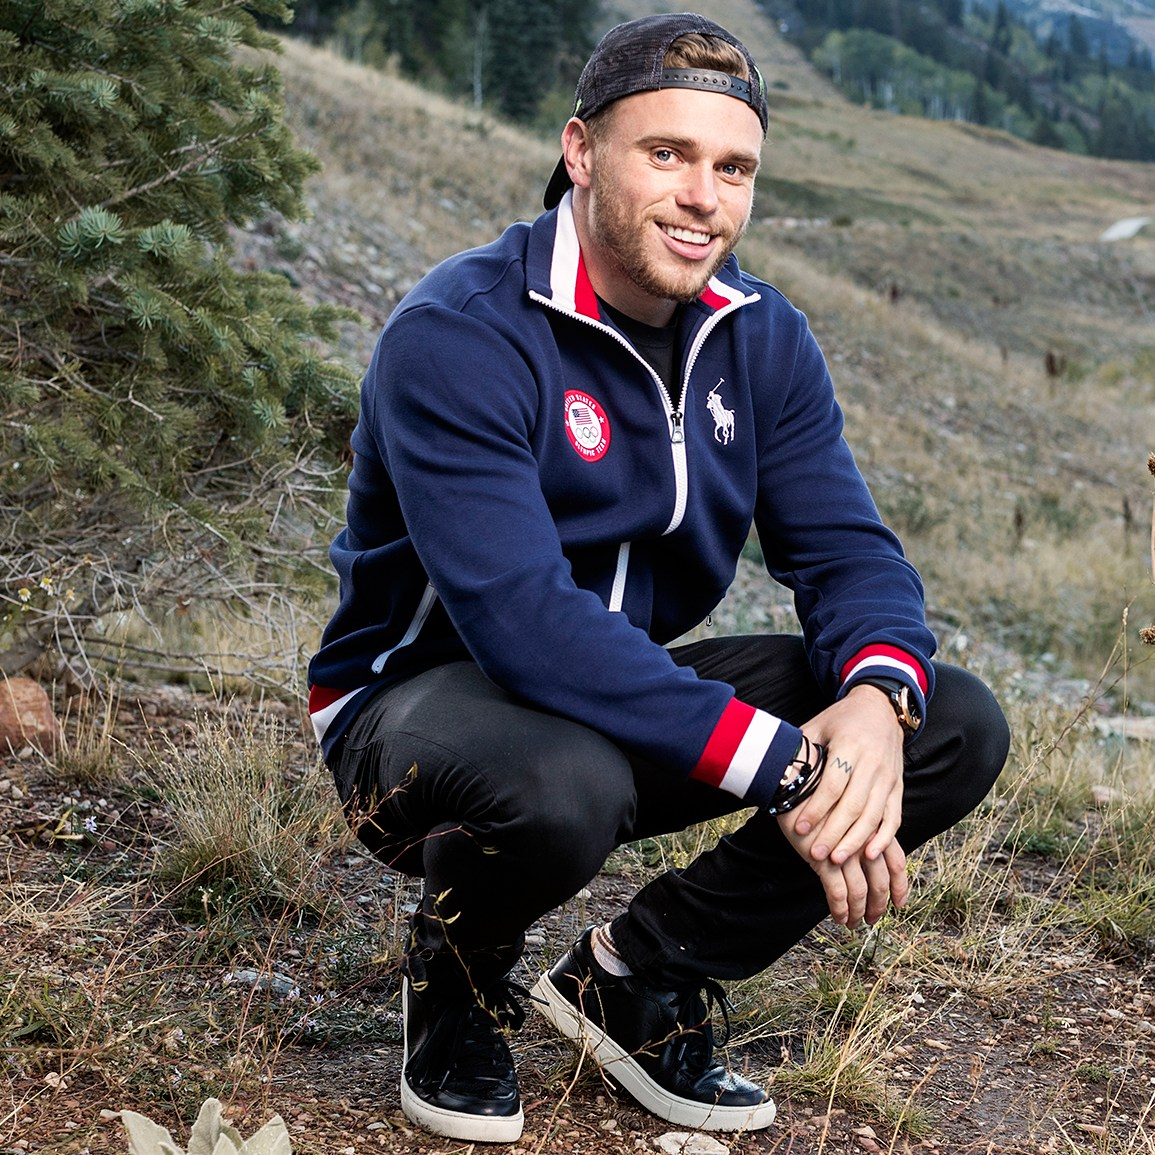 Gus Kenworthy PyeongChang Olympics